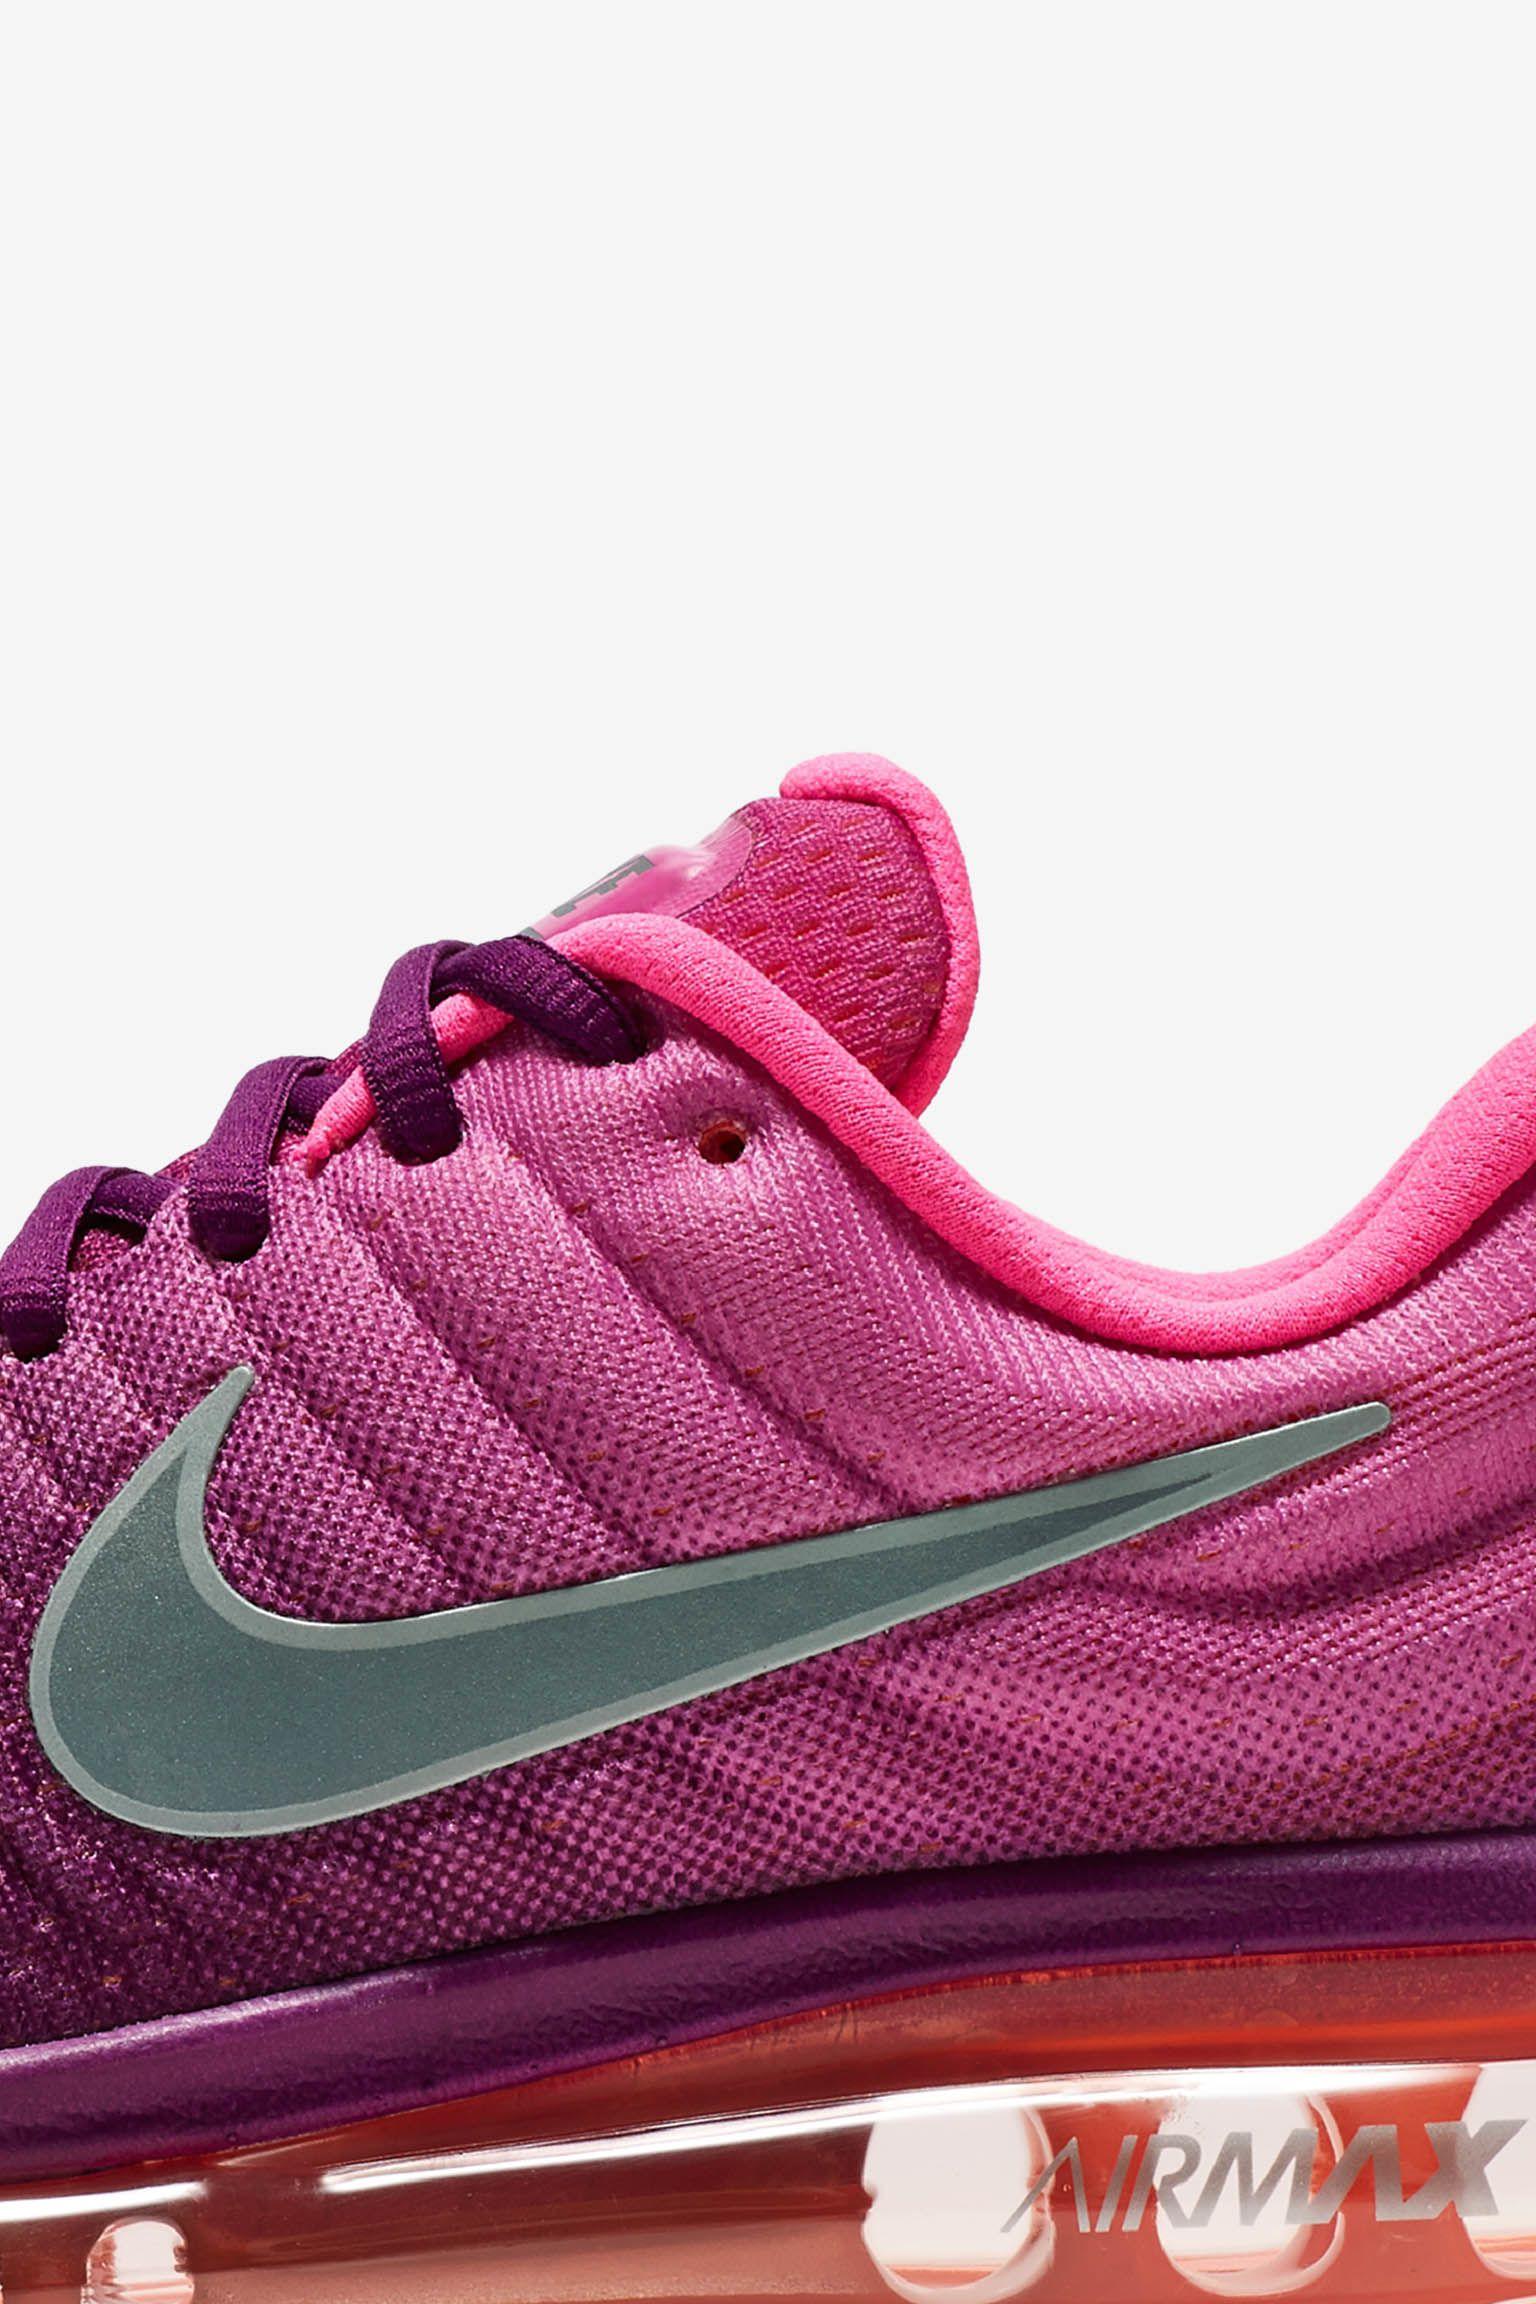 Nike Air Max 2017 'Bright Grape' för kvinnor. Lanseringsdatum